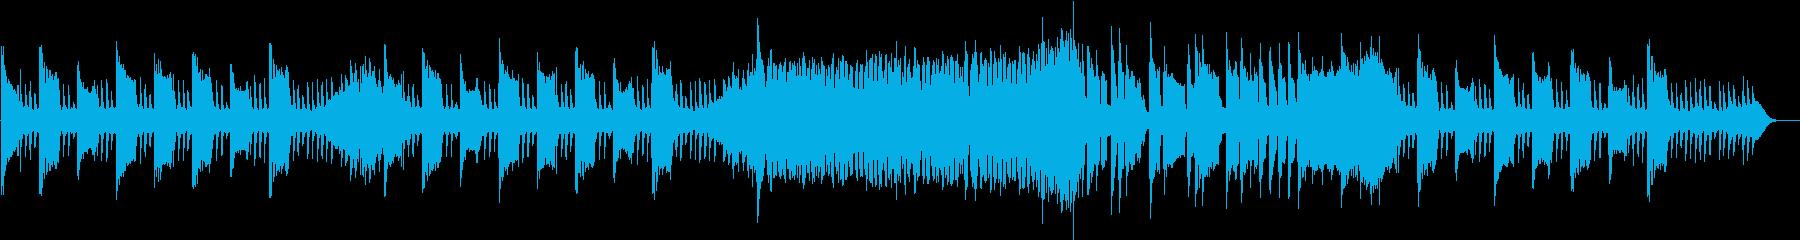 やや暗い映像向けのエレクトロの再生済みの波形